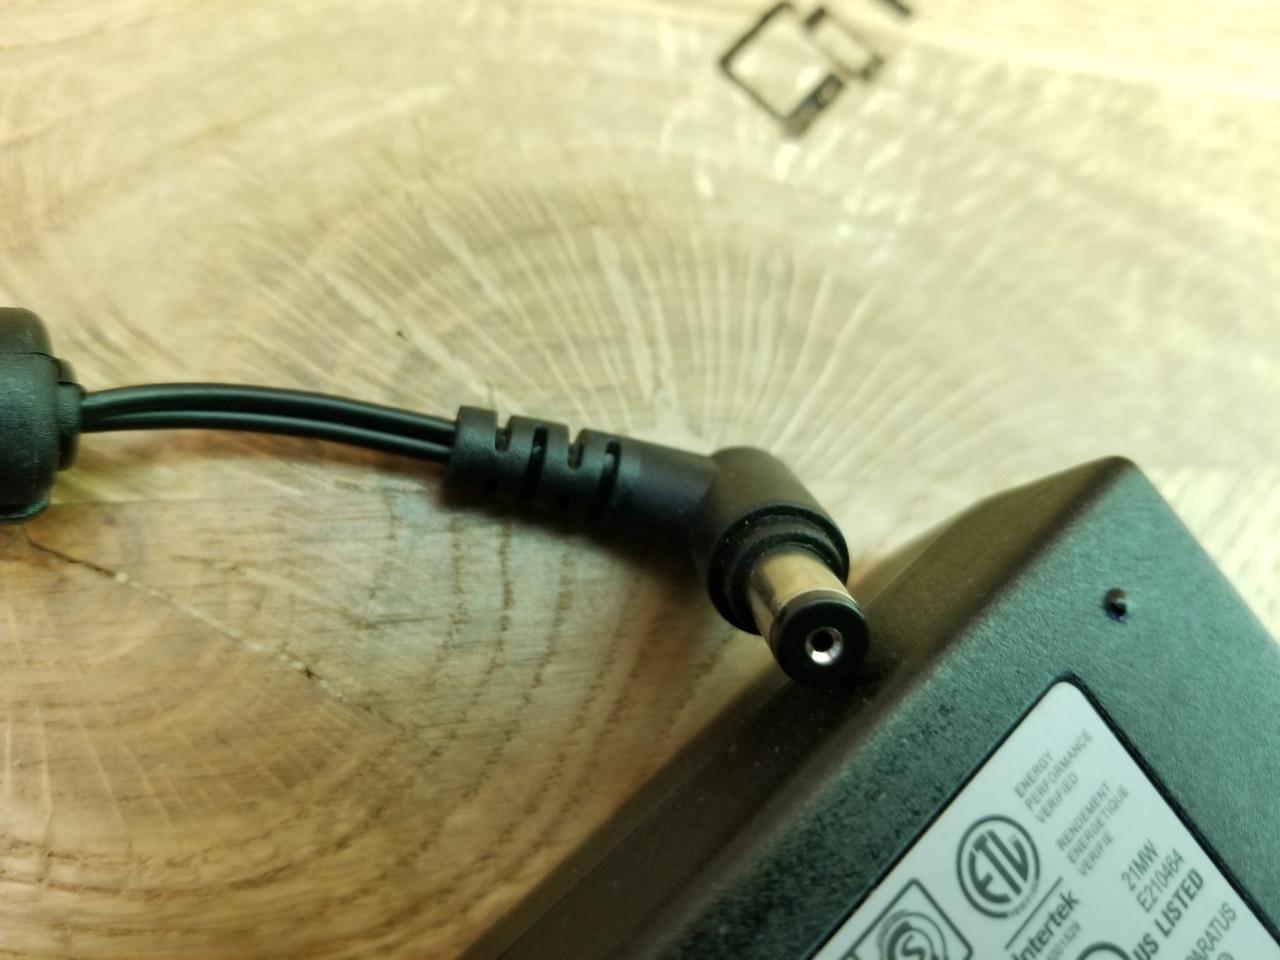 Блок живлення для ноутбука LG 50W 25V 2.0A 6.3*1.7mm (DA-50F25) ОРИГІНАЛ